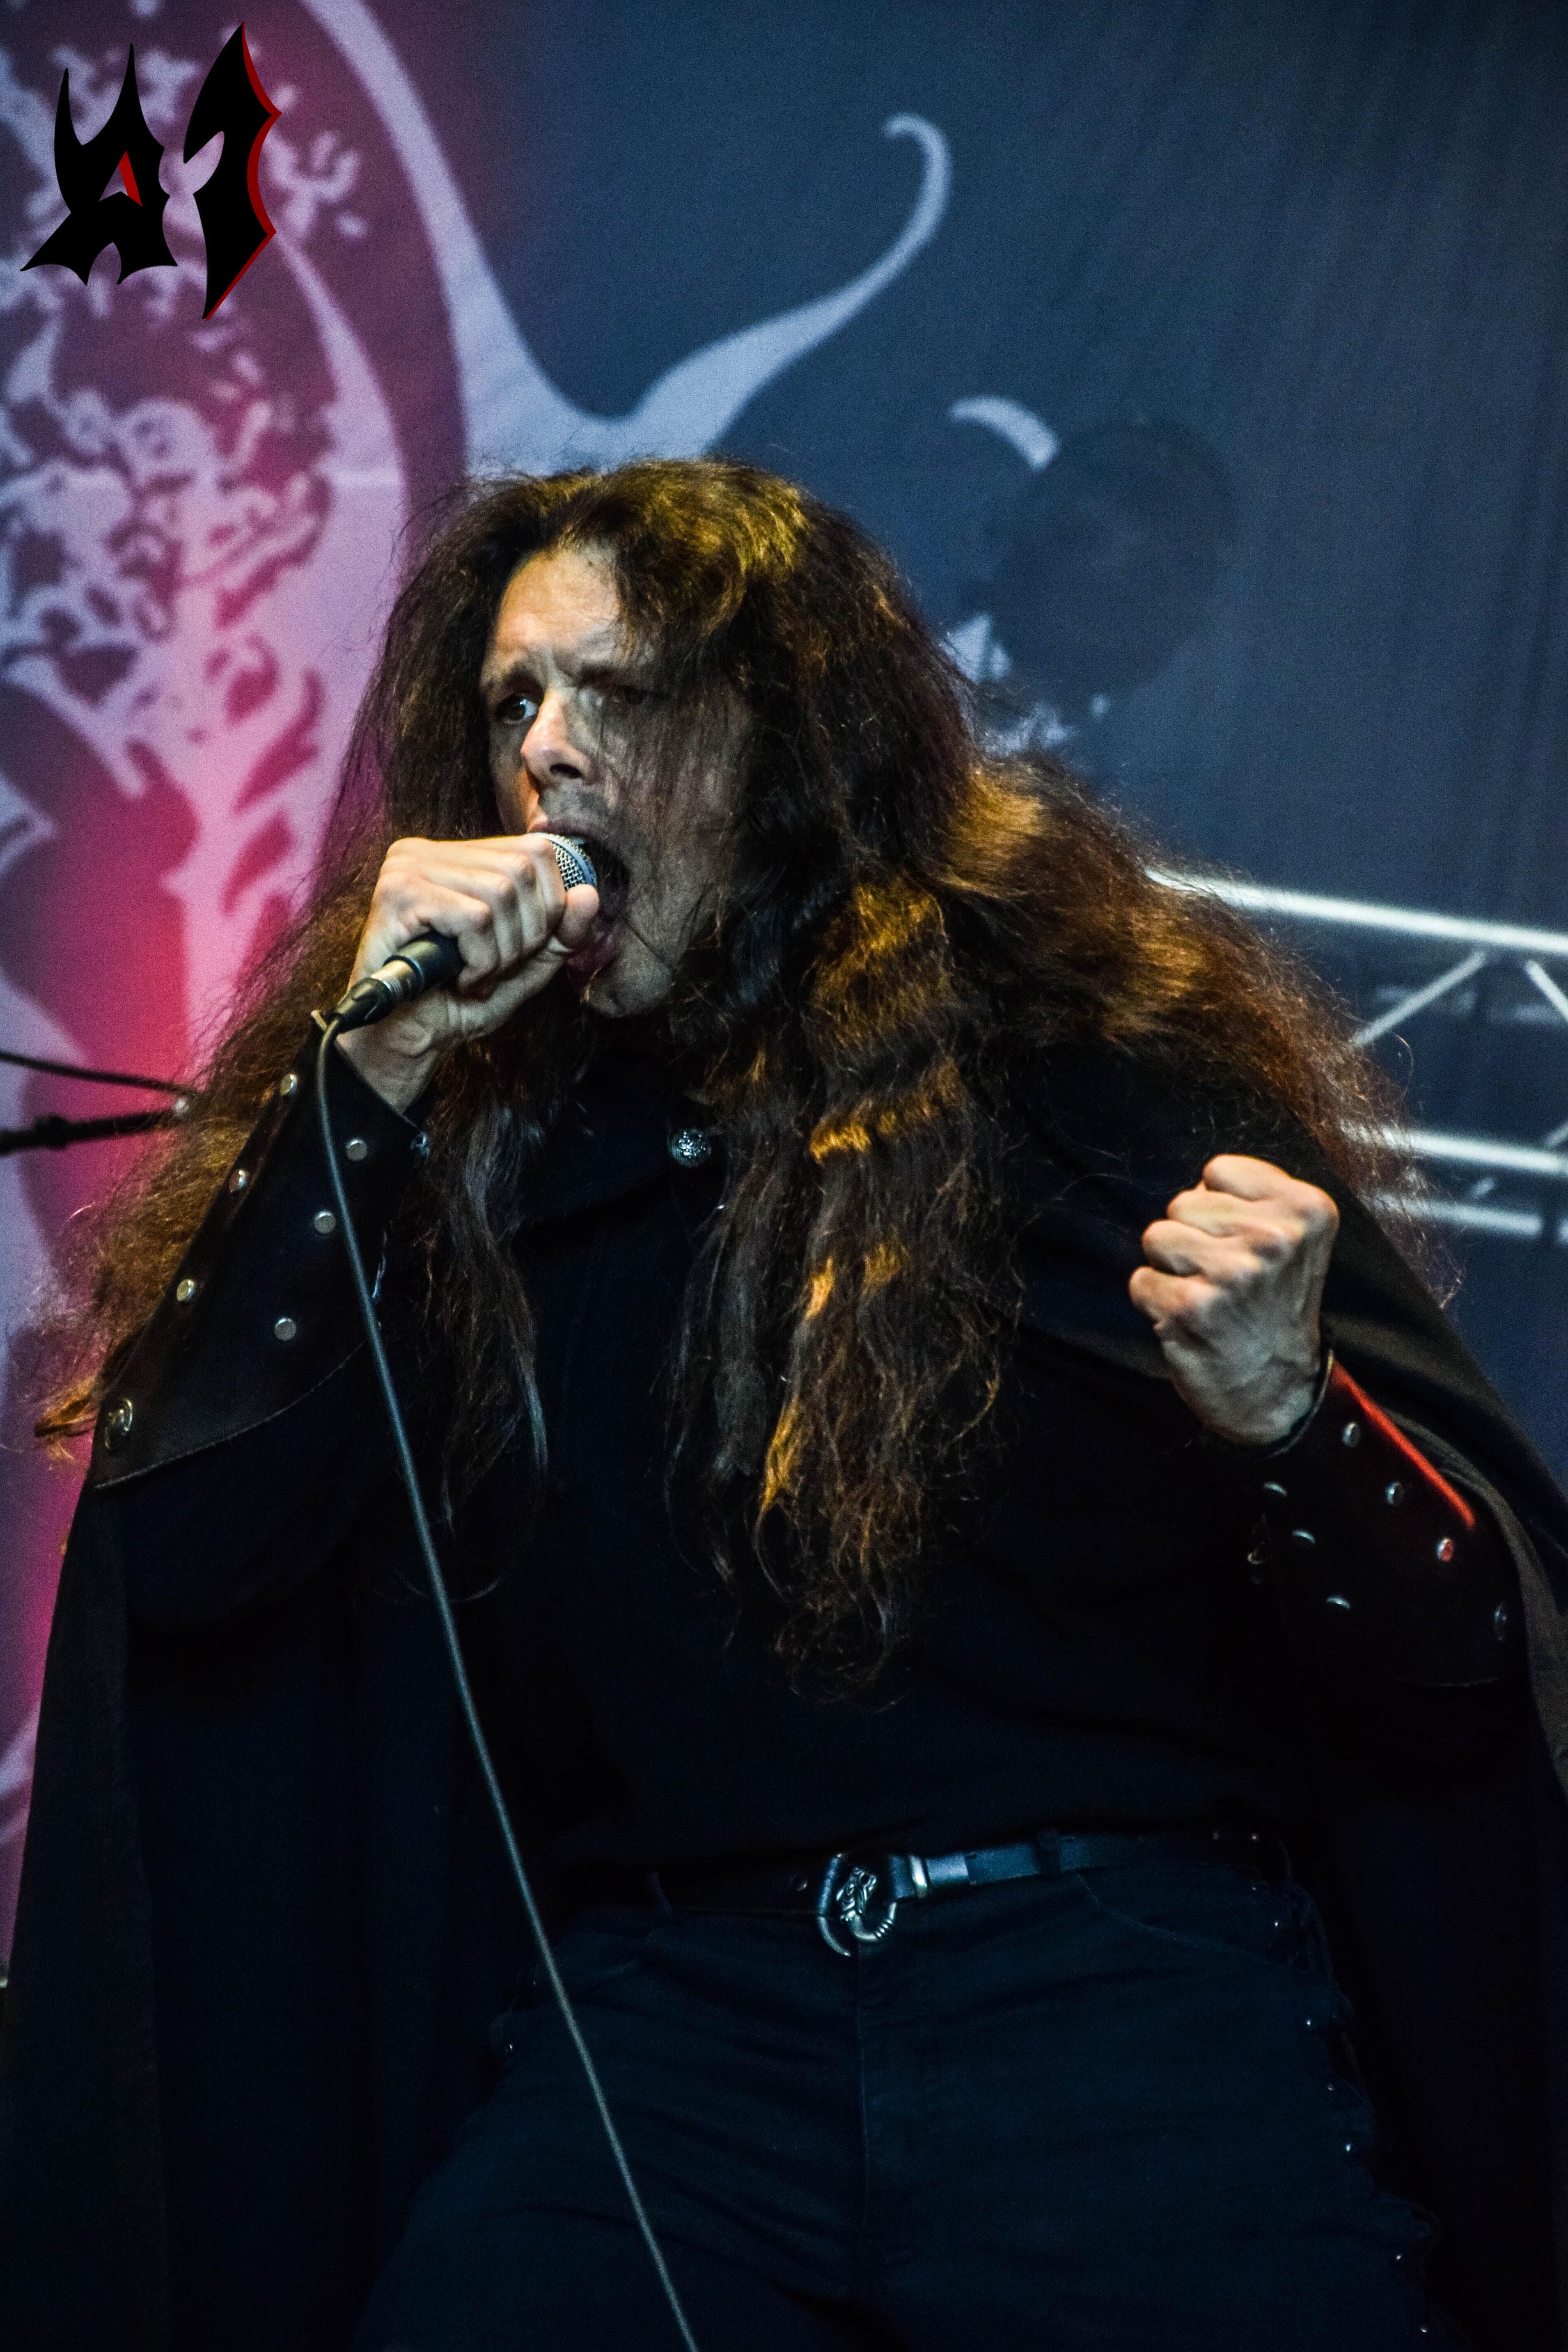 Hellfest - Day 1 - Darkenhold 3